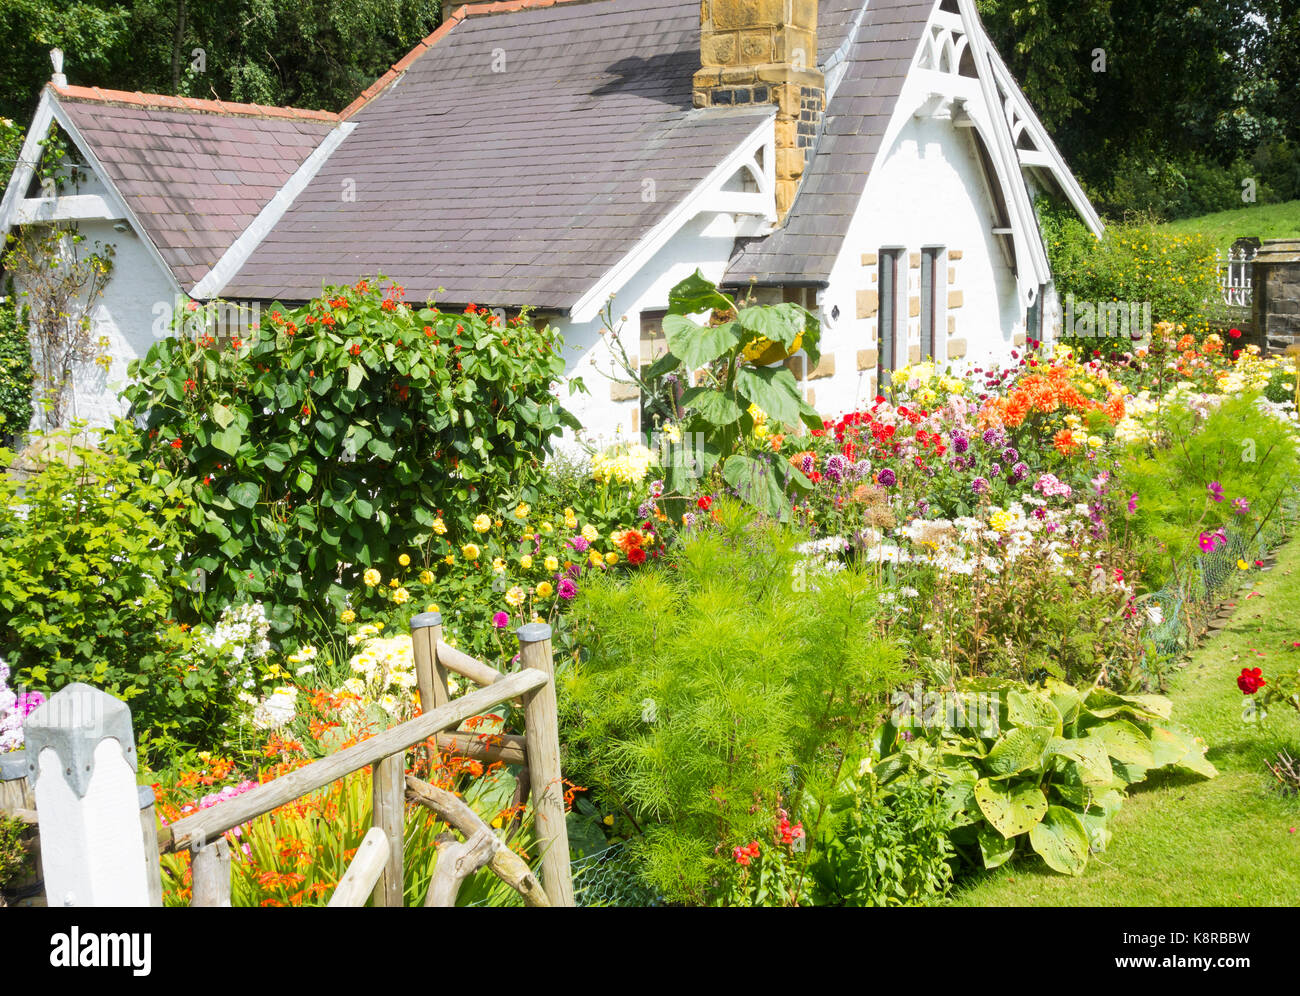 Cottage garden near Great Ayton, North Yorkshire, England. UK - Stock Image